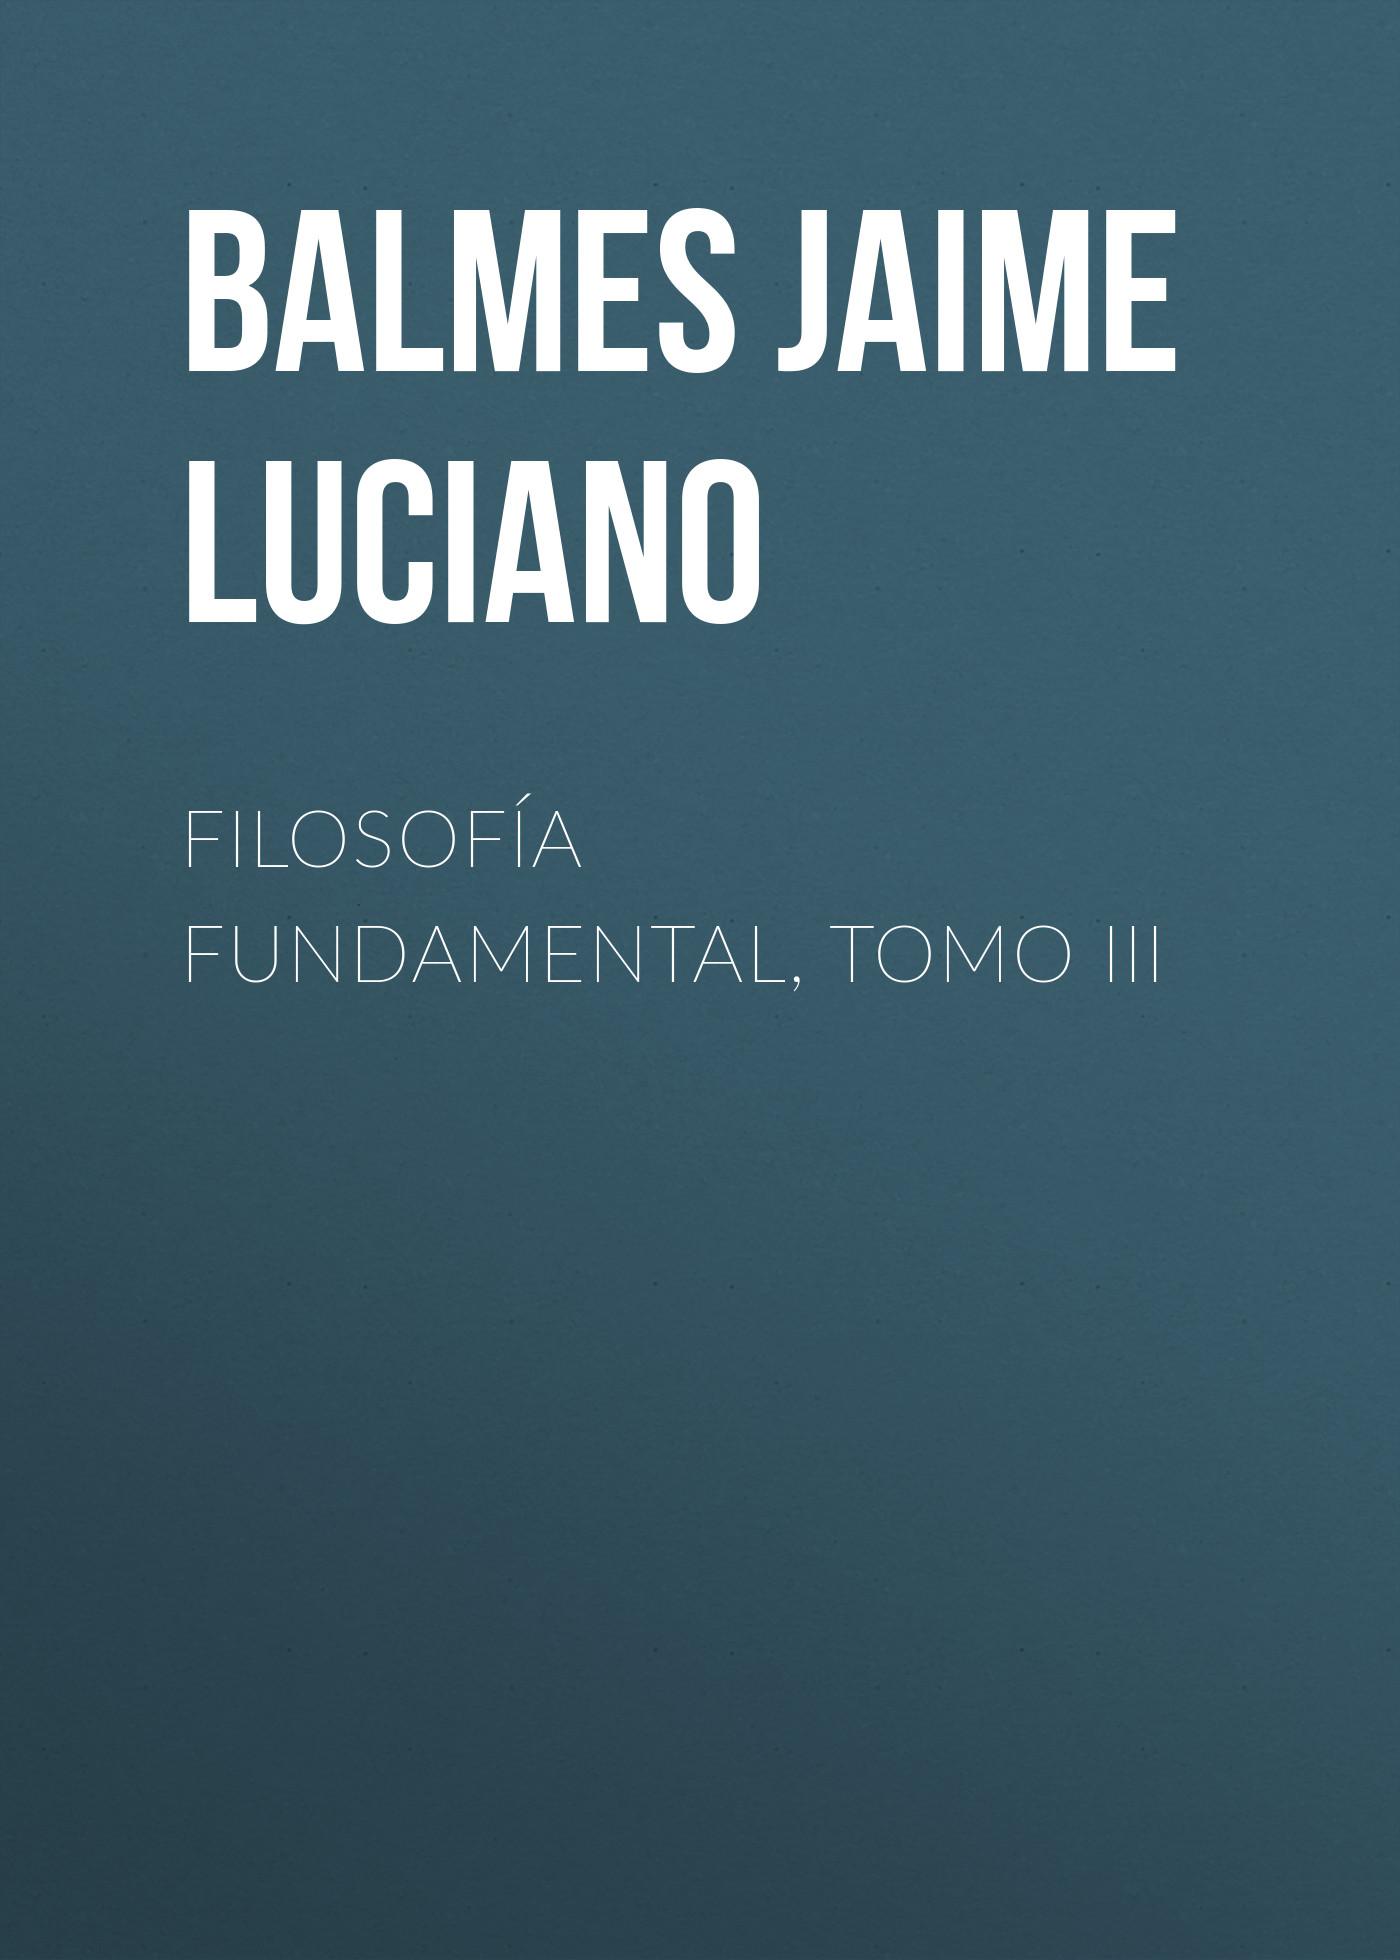 Balmes Jaime Luciano Filosofía Fundamental, Tomo III balmes jaime luciano filosofía fundamental tomo iv